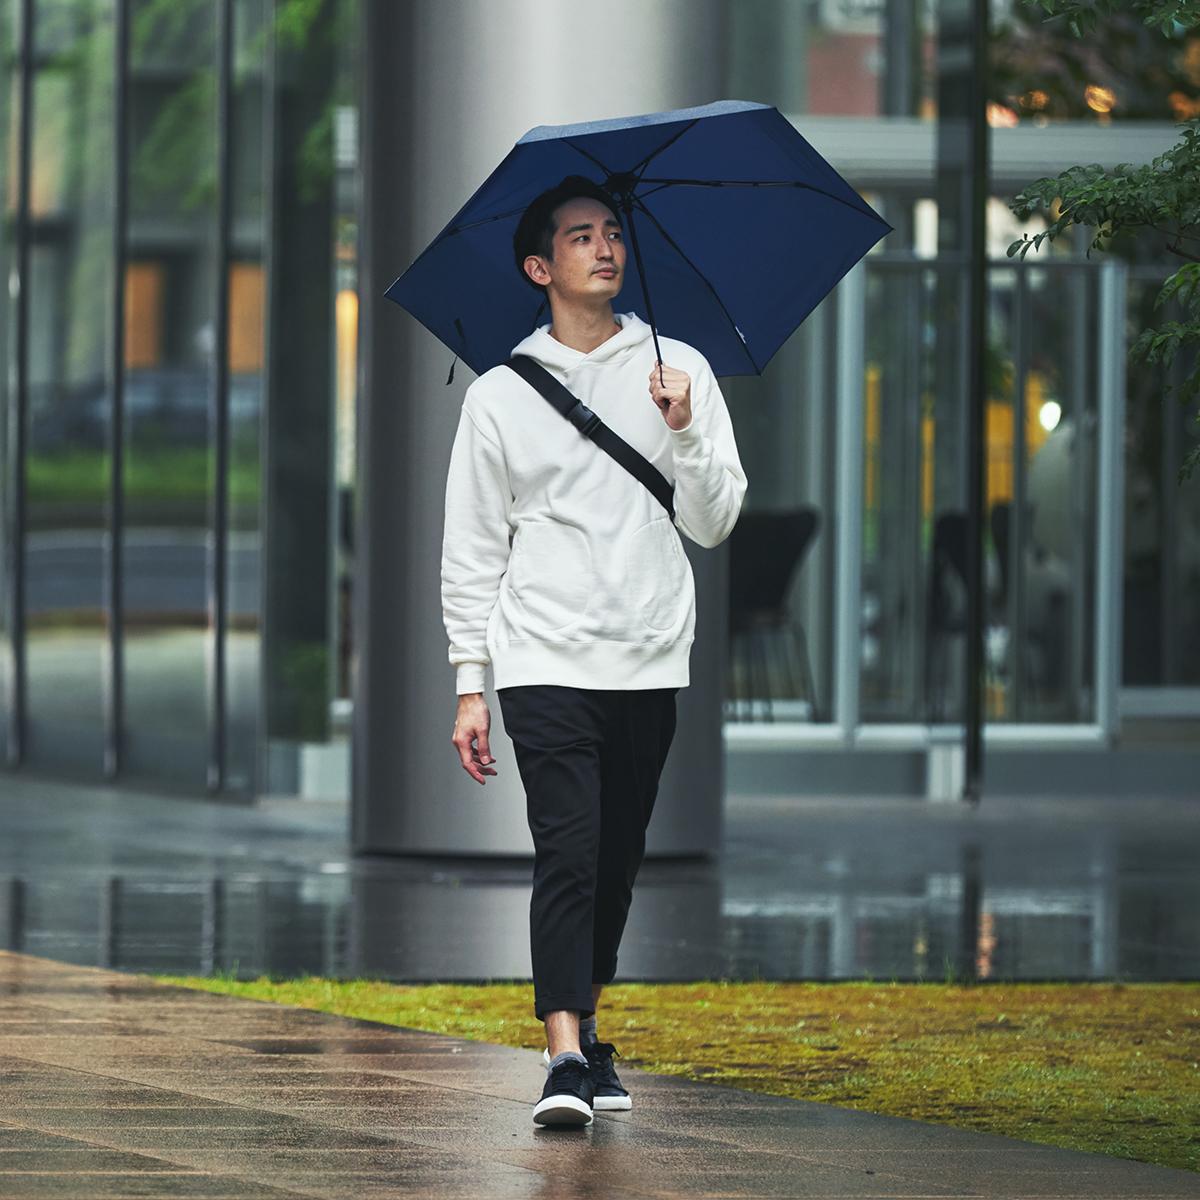 雨の中、バスやタクシー、車へ乗り込むときも、傘をたたむ時間はほんの1秒。驚くほど軽い!風に強く、丈夫な構造の「ワンタッチ開閉式折りたたみ傘」|VERYKAL